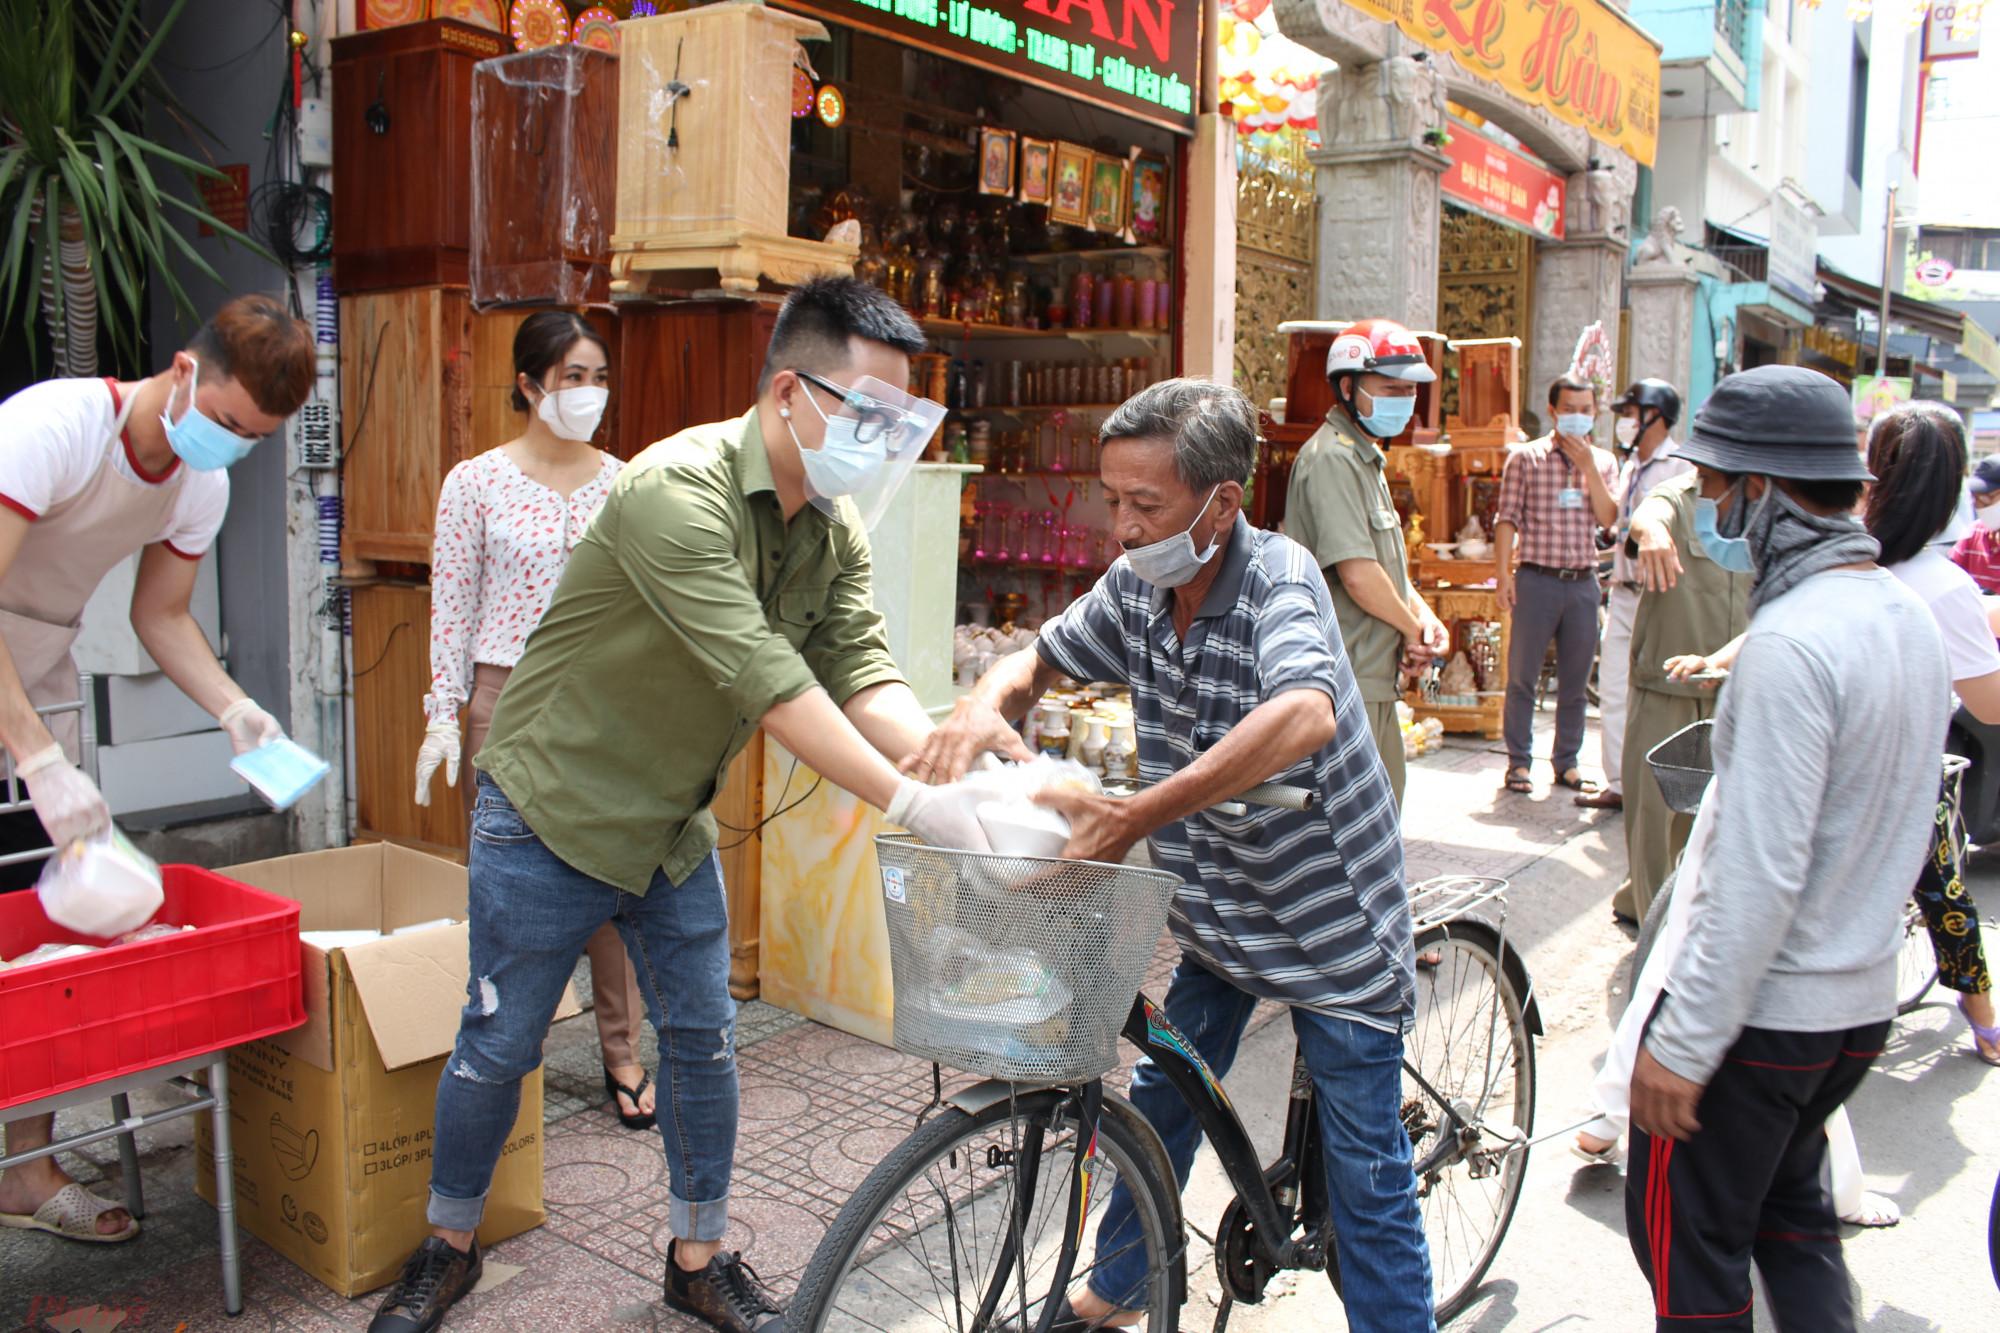 Người nghèo được nhận cơm, sữa, khẩu trang... miễn phí tại số 96 Nguyễn Chí Thanh, quận 10, TP.HCM